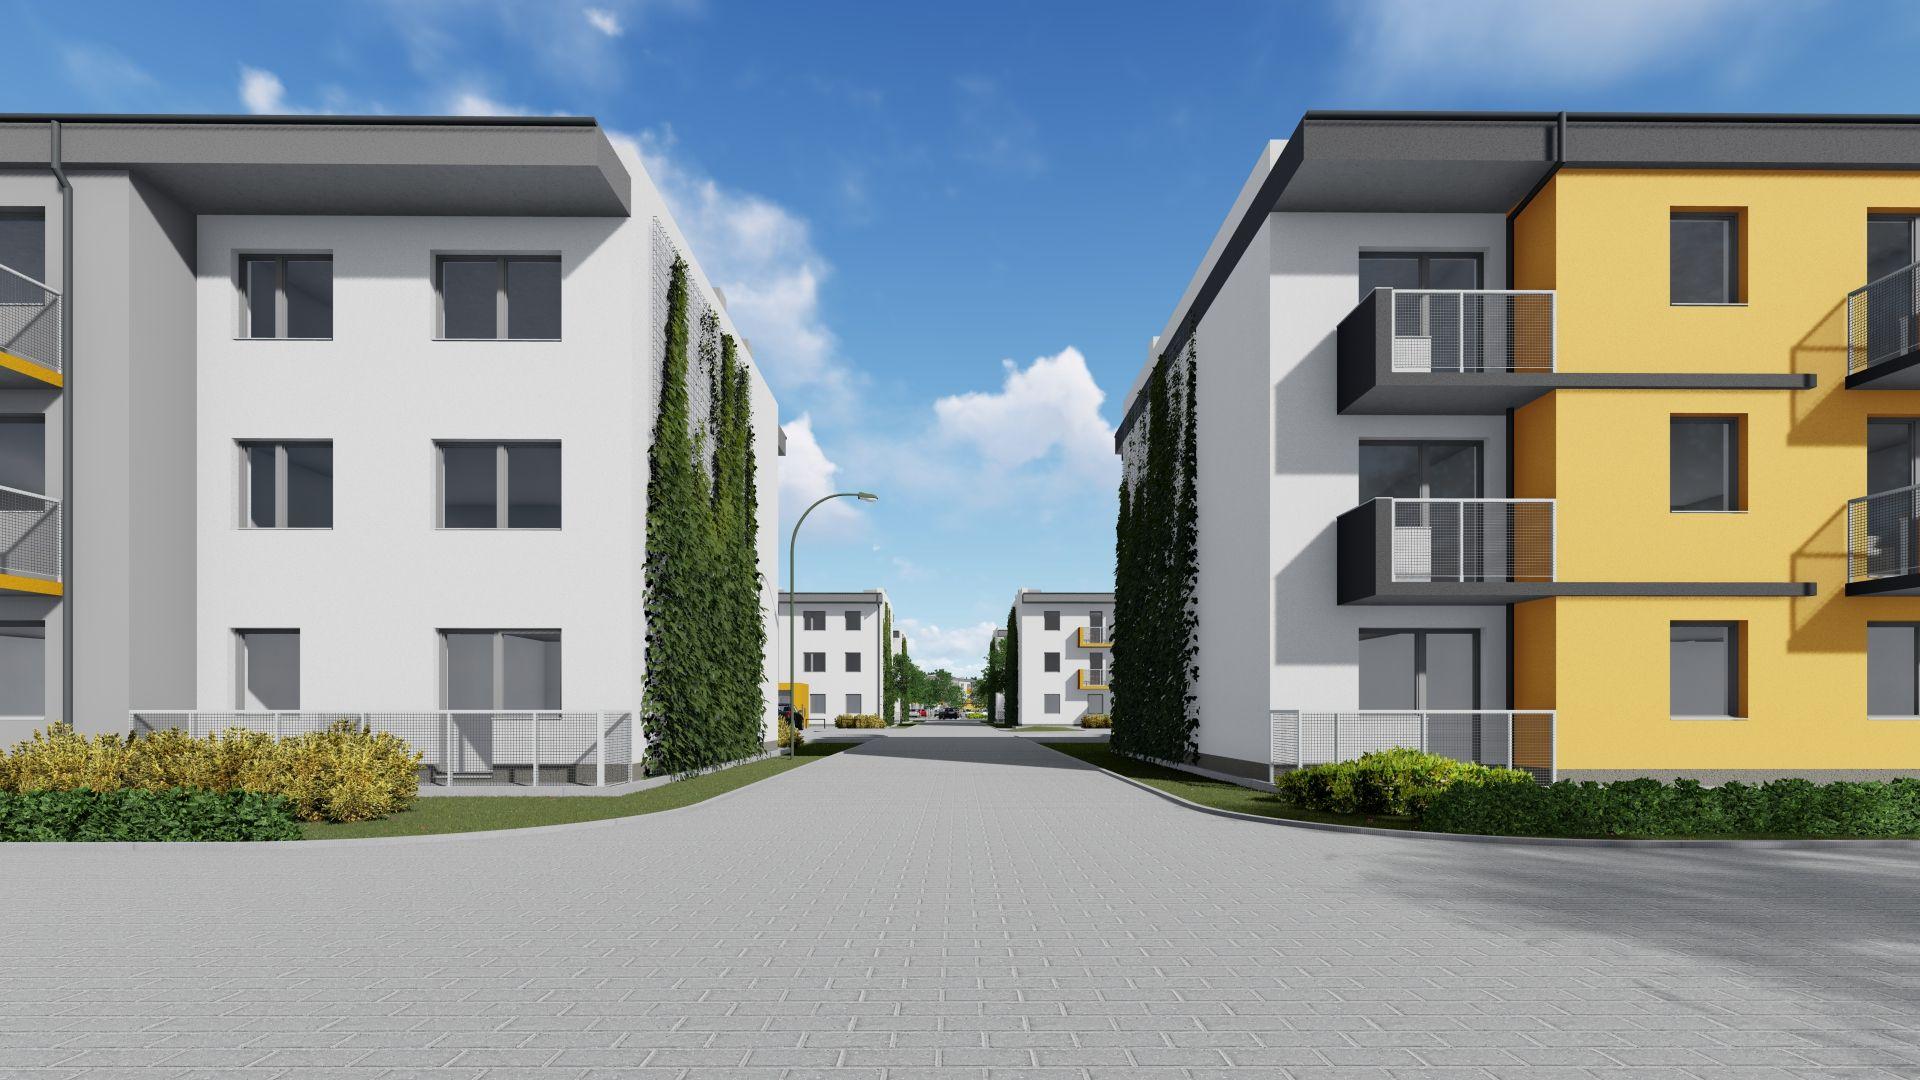 TBS Wrocław zbuduje setki mieszkań przy parku Leśnickim. Inwestuje w fotowoltaikę